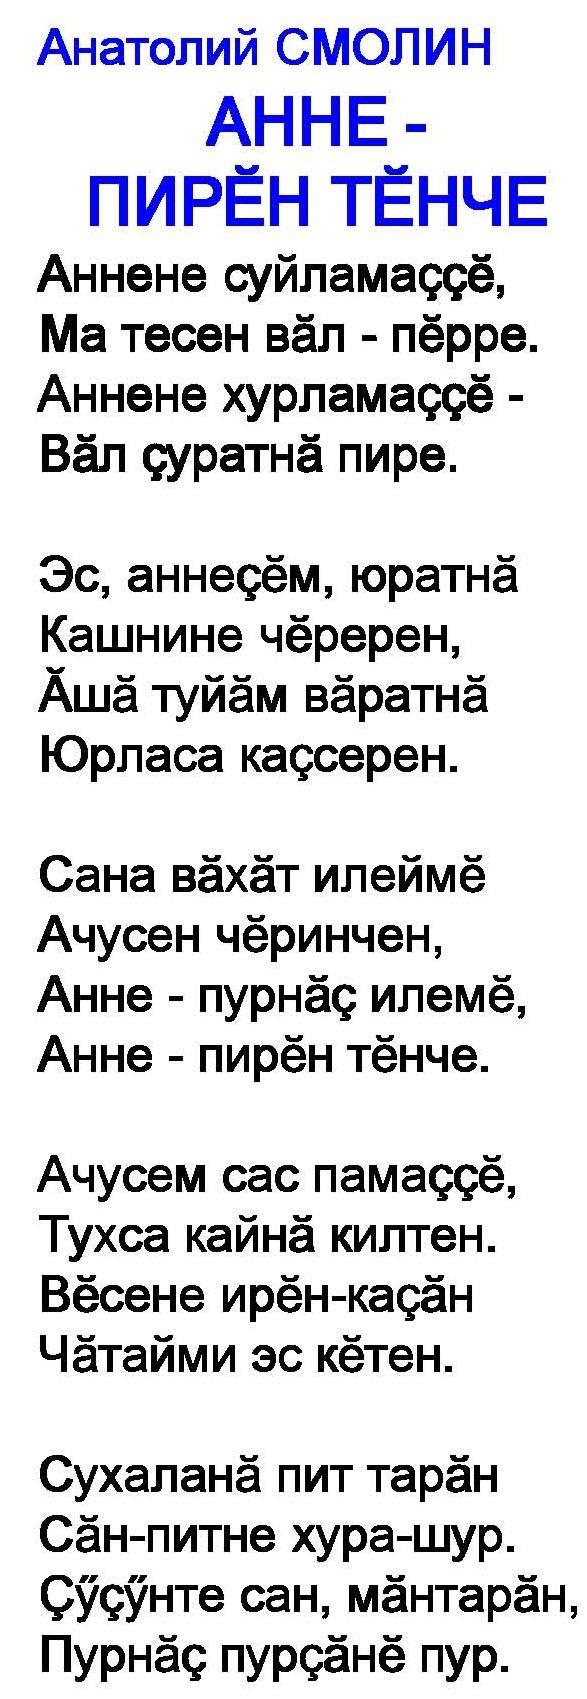 Телефон андроид, картинка с днем рождения на чувашском языке